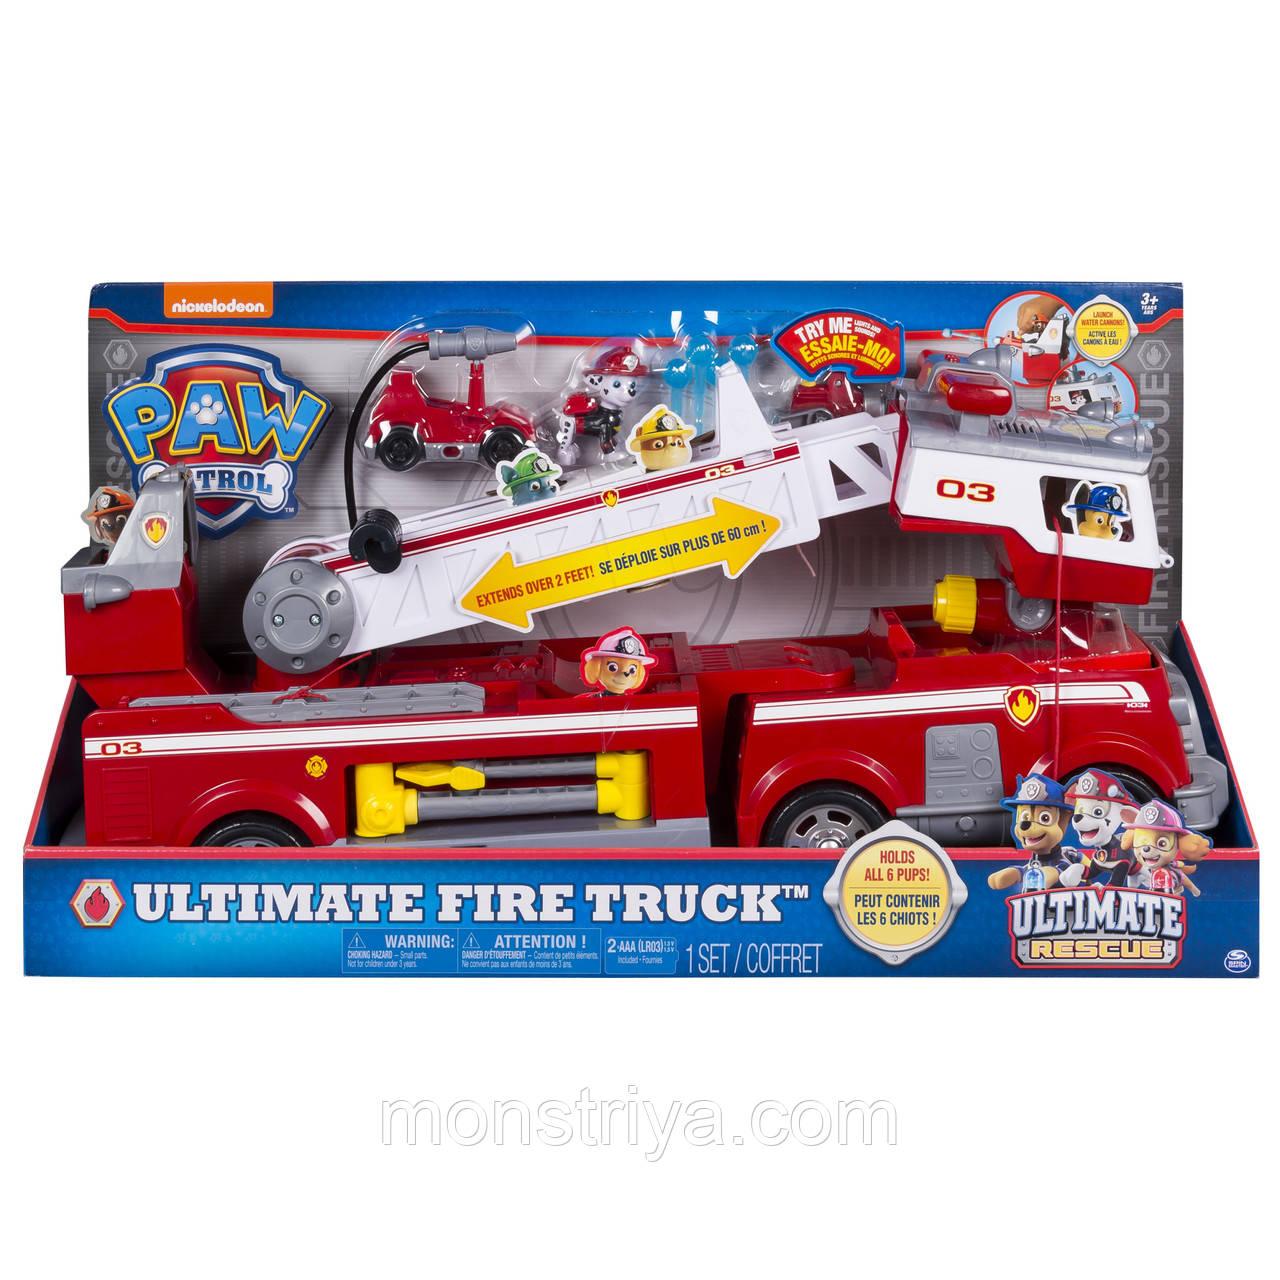 Огромная пожарная машина Щенячий патруль со звуком и светом/ Paw Patrol Оригинал